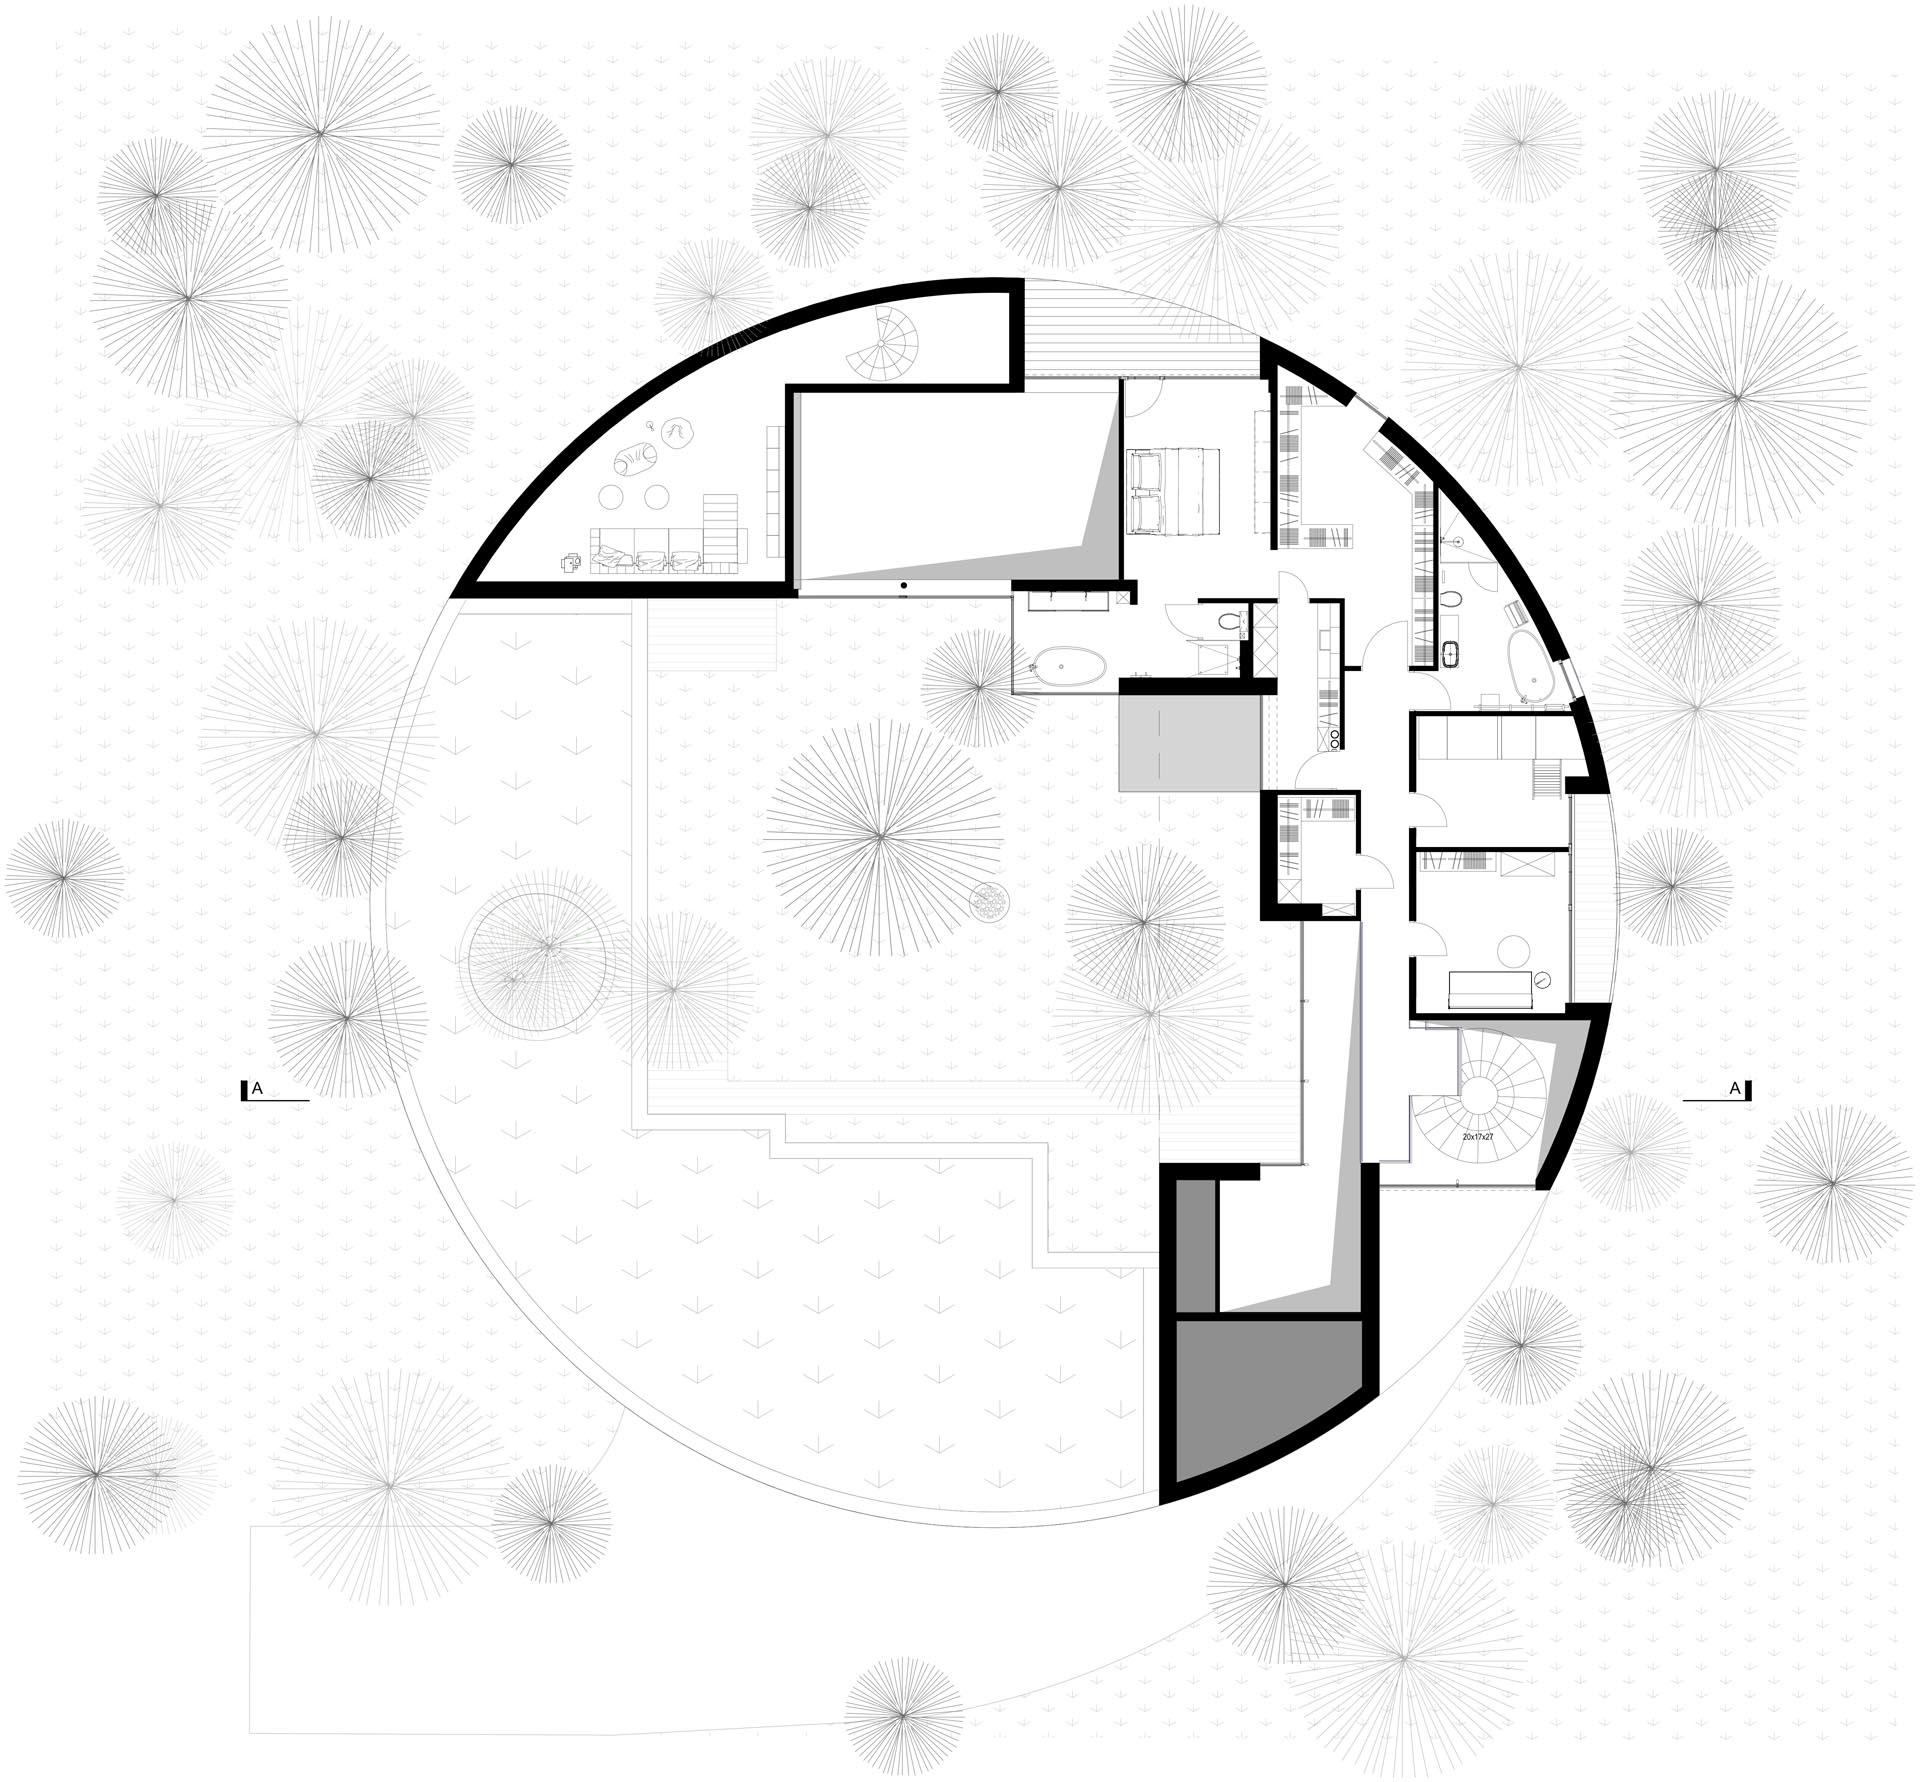 The floor plan of a circular home.